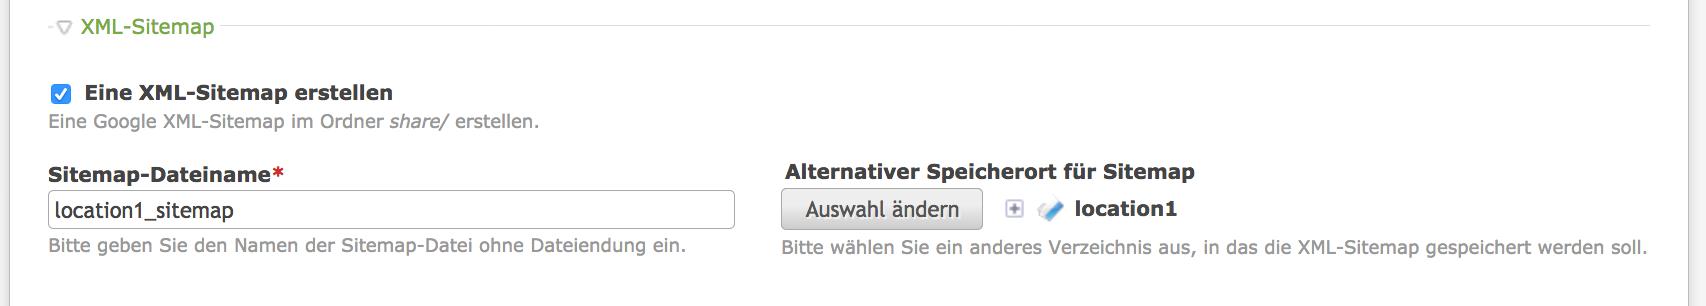 screenshot-xml-speicherort